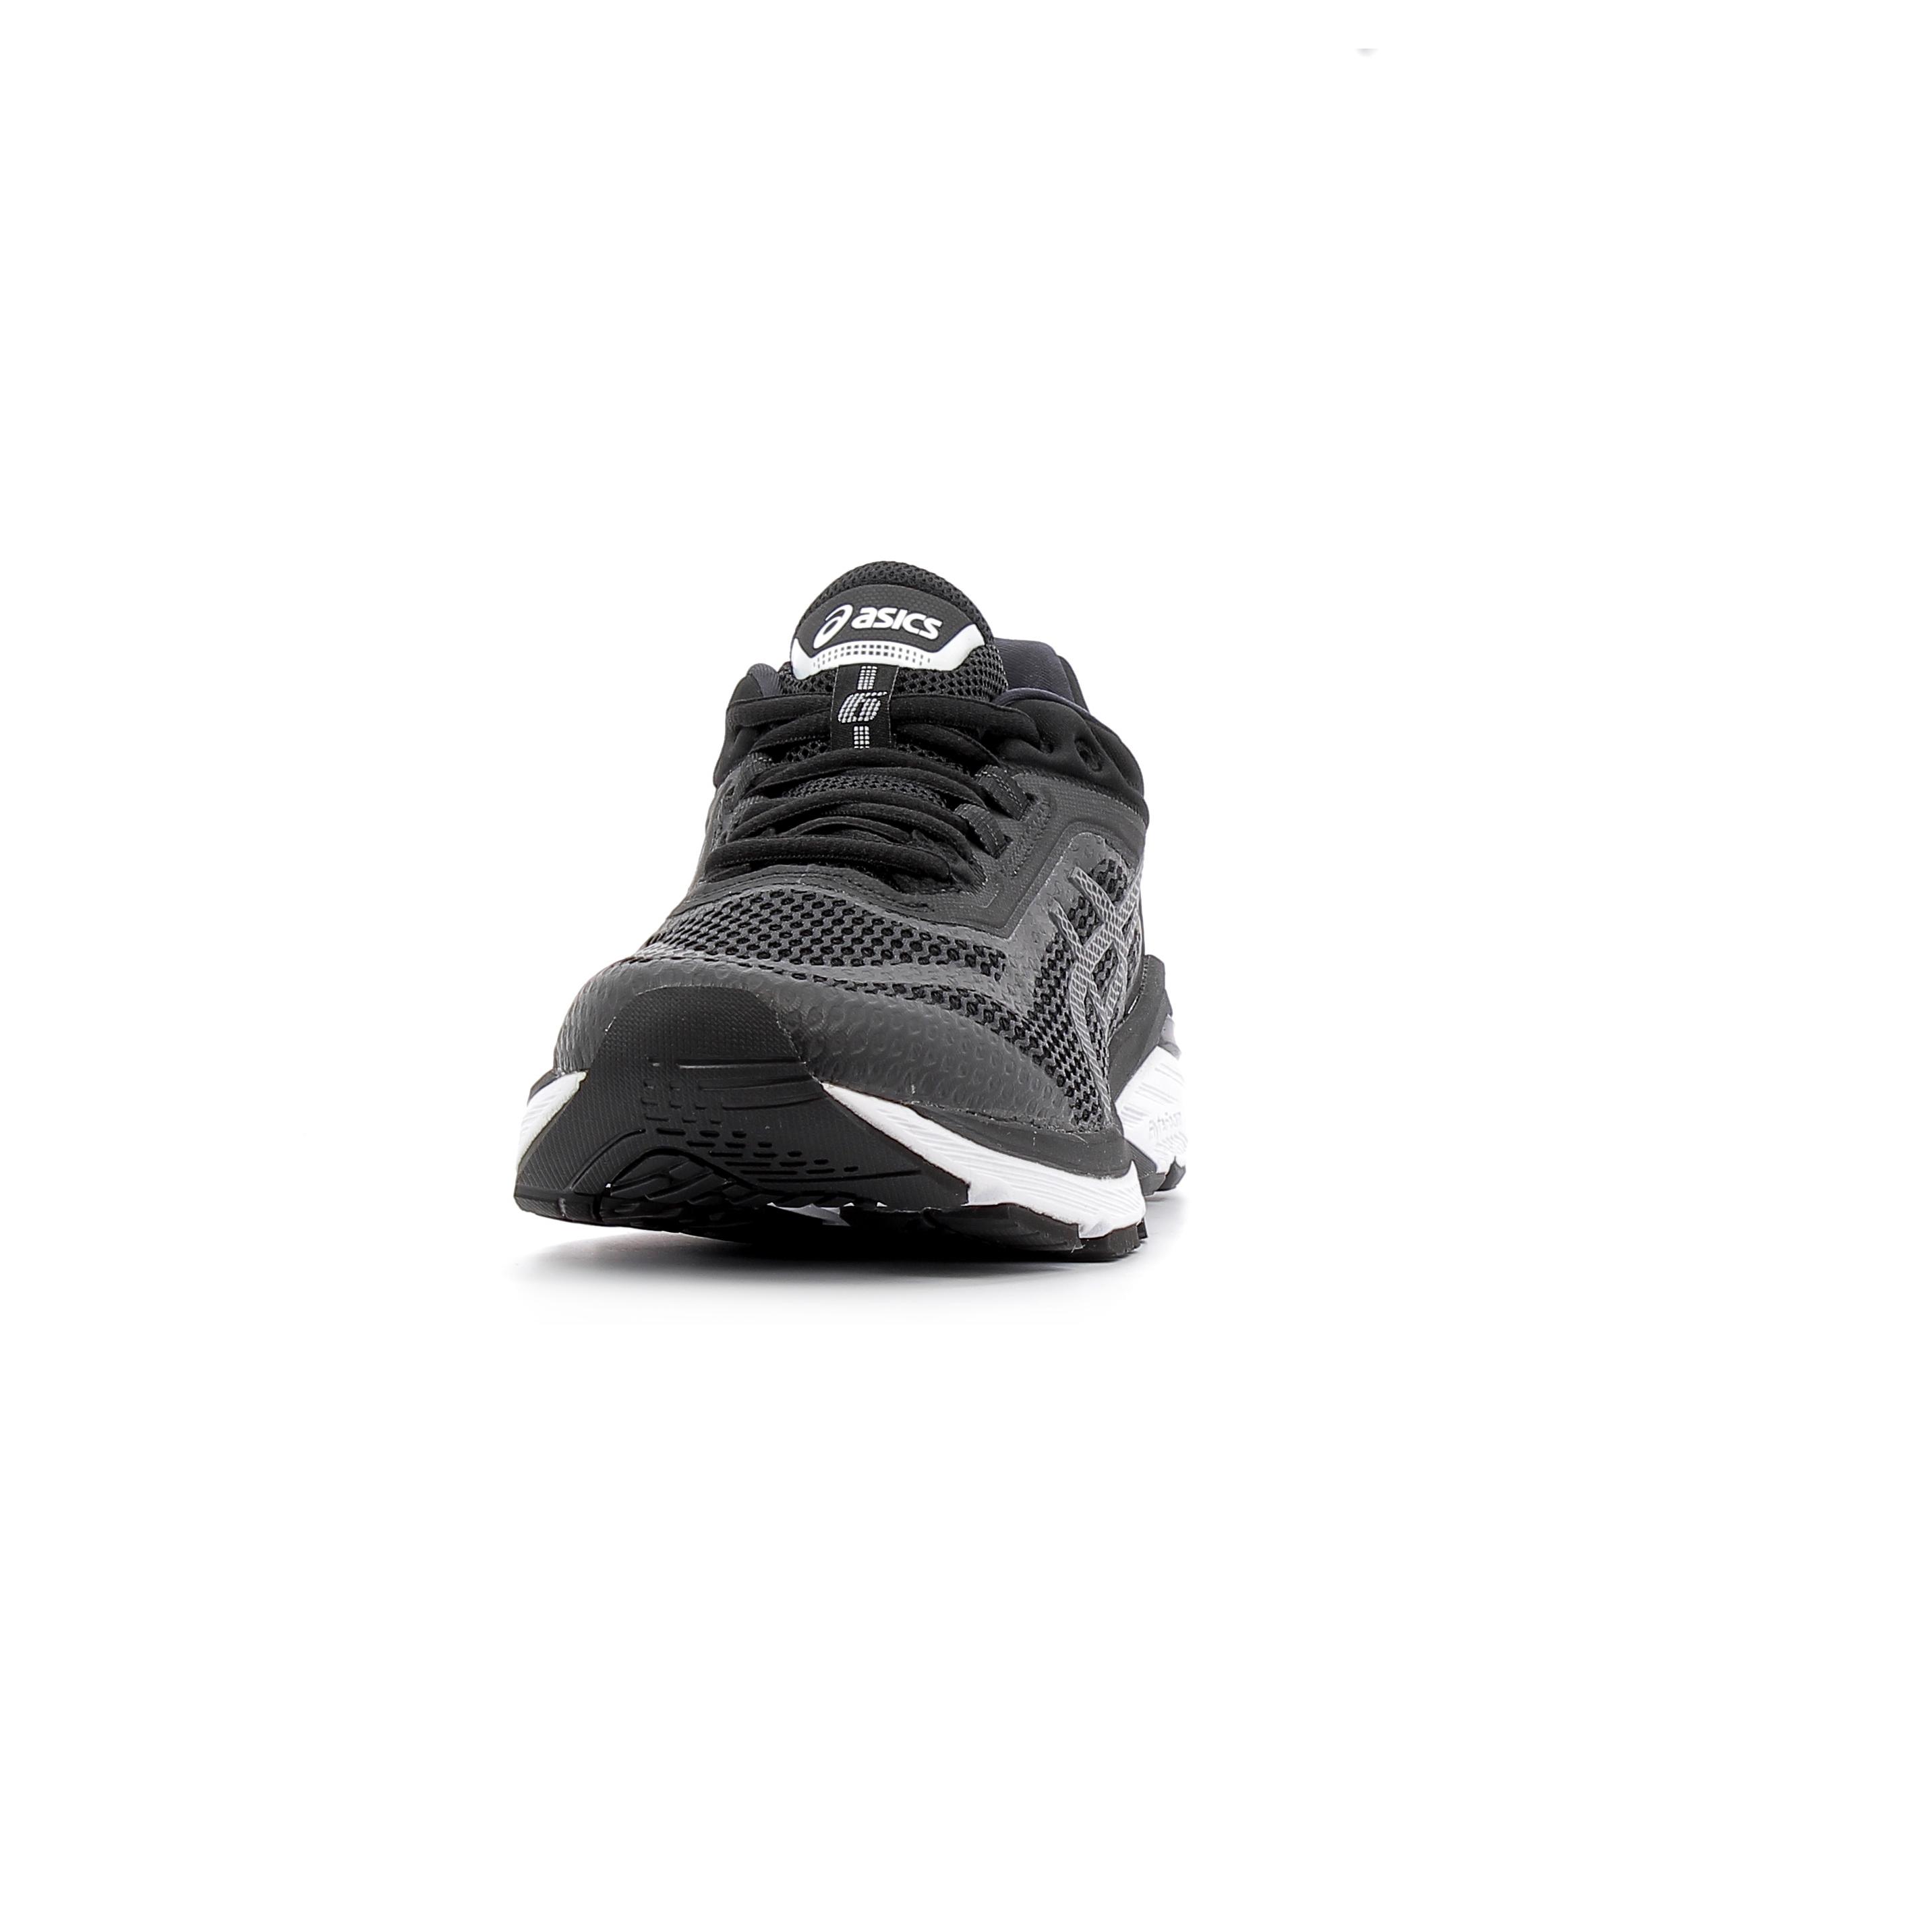 De 6 Running Gt Asics Chaussure 2000 wPxvqA4wOS